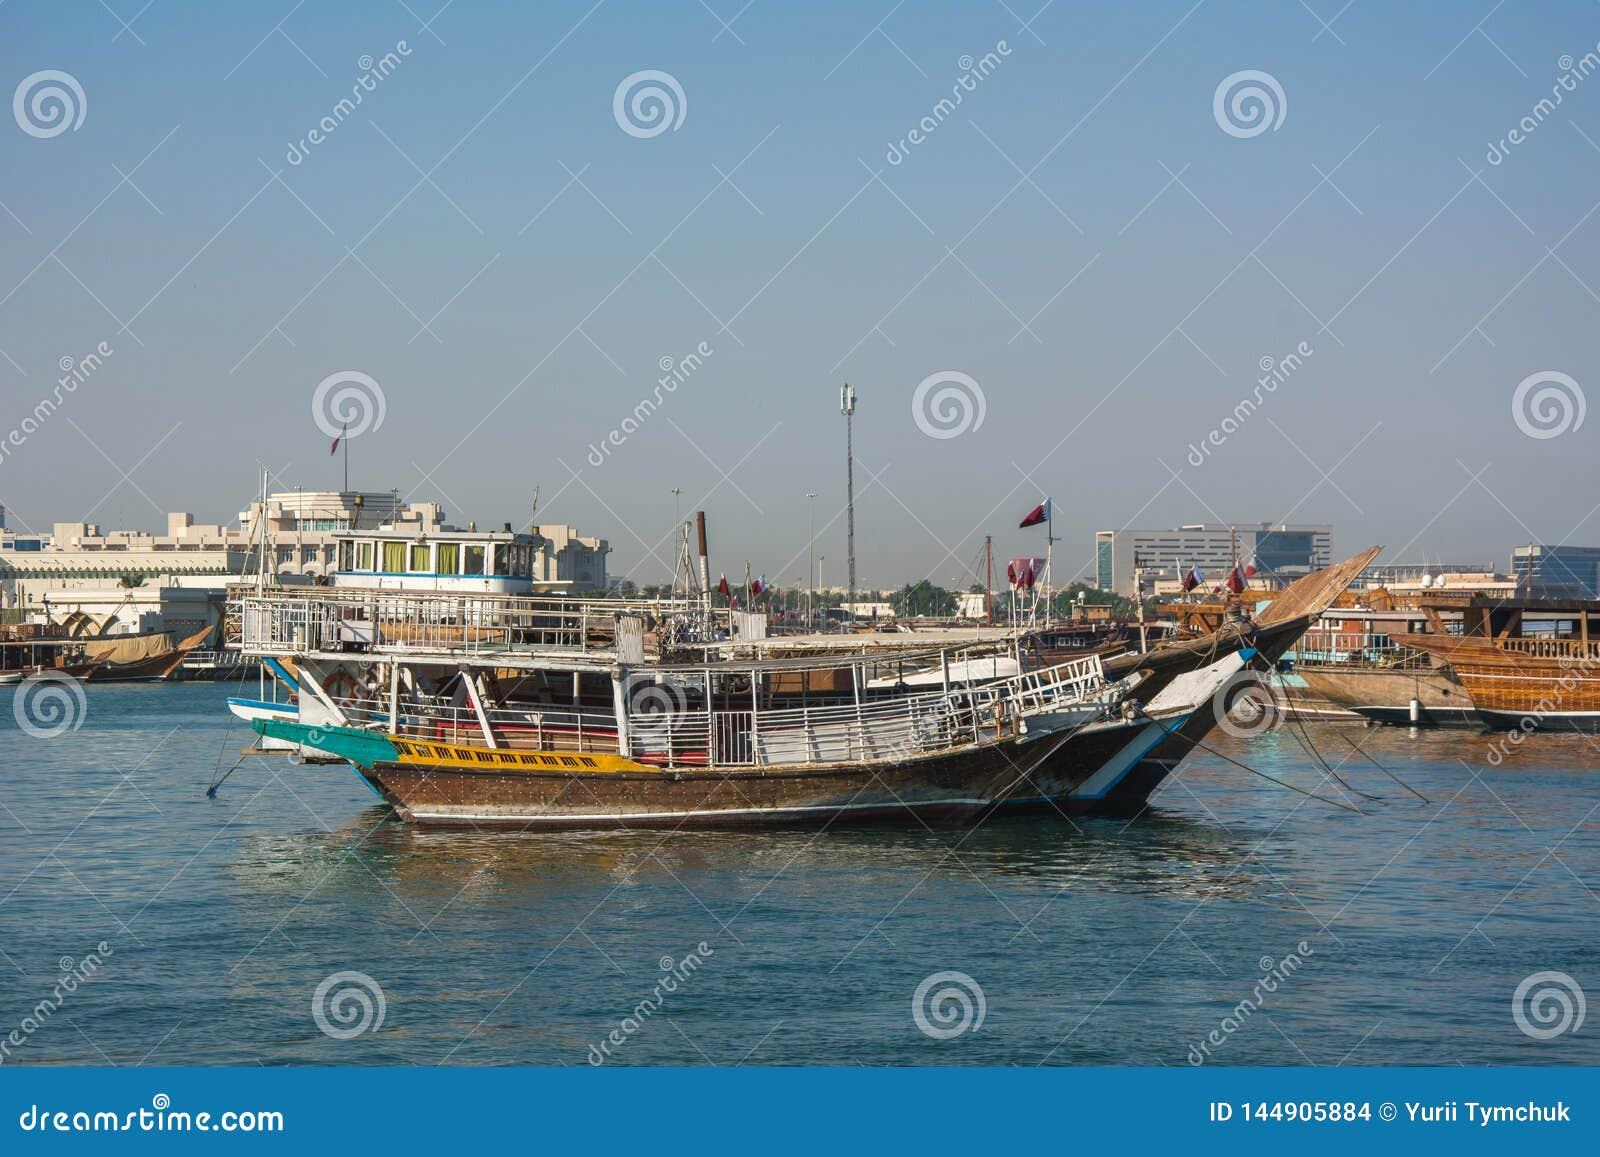 Traditionelle jalibut Dhowboote im arabischen Golf für Fischen und Tourismus, Doha, Katar